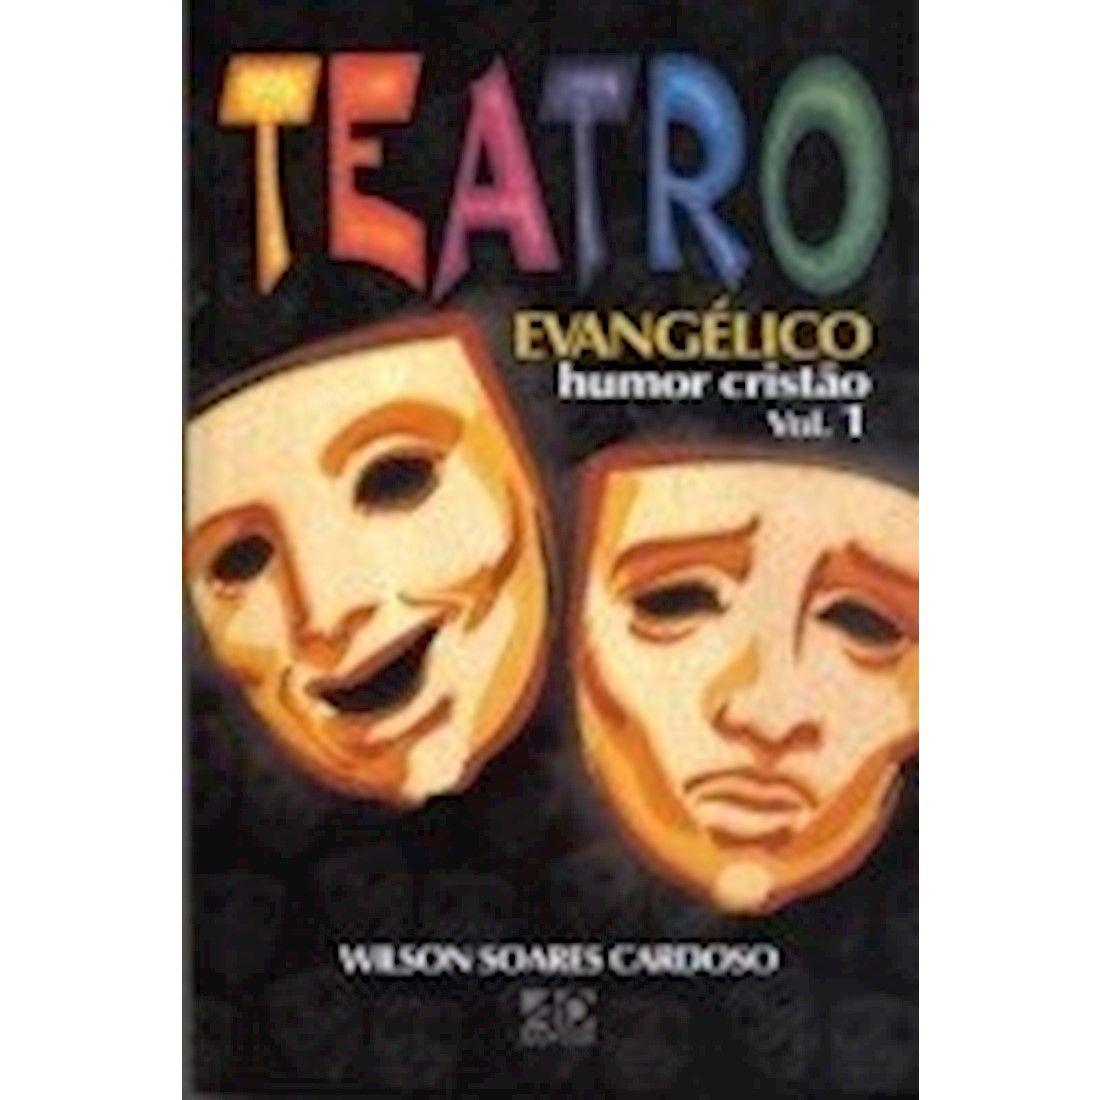 Livro Teatro Evangélico - Humor Cristão - Vol. 1